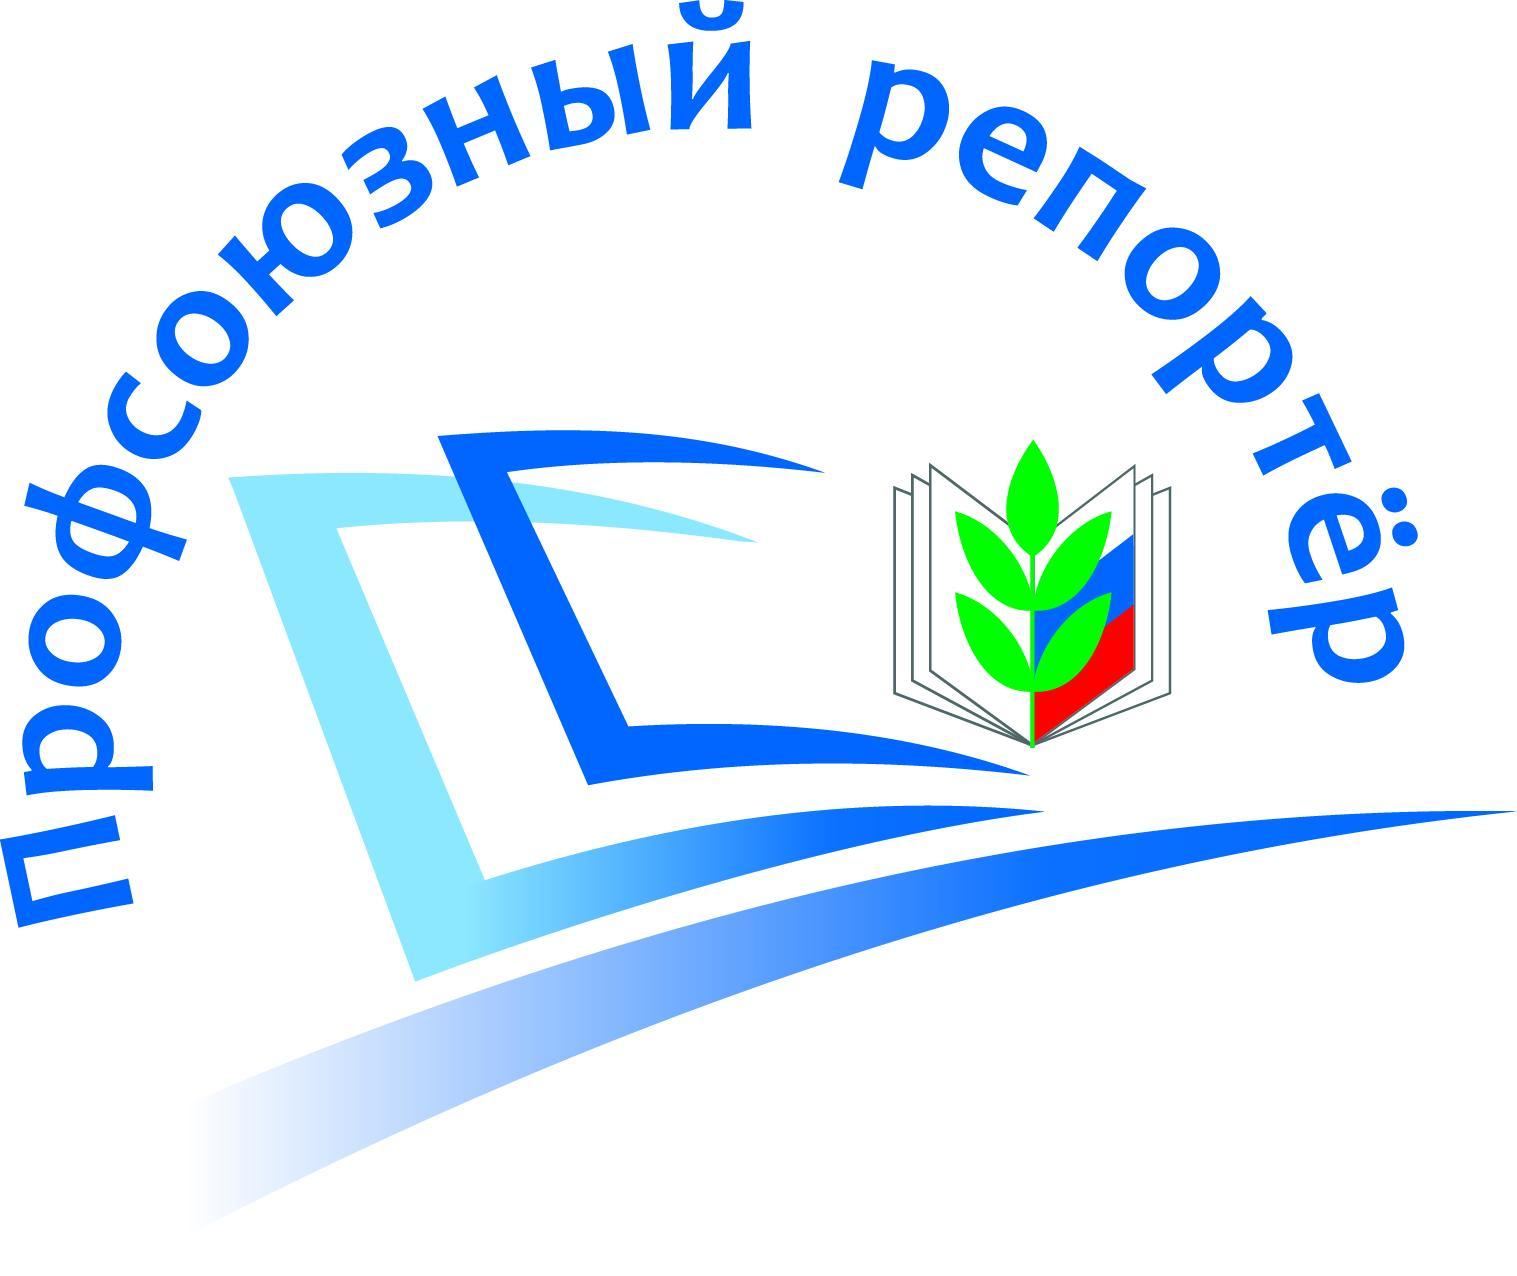 Коломенцы стали призерами регионального конкурса «Профсоюзный репортер-2020»